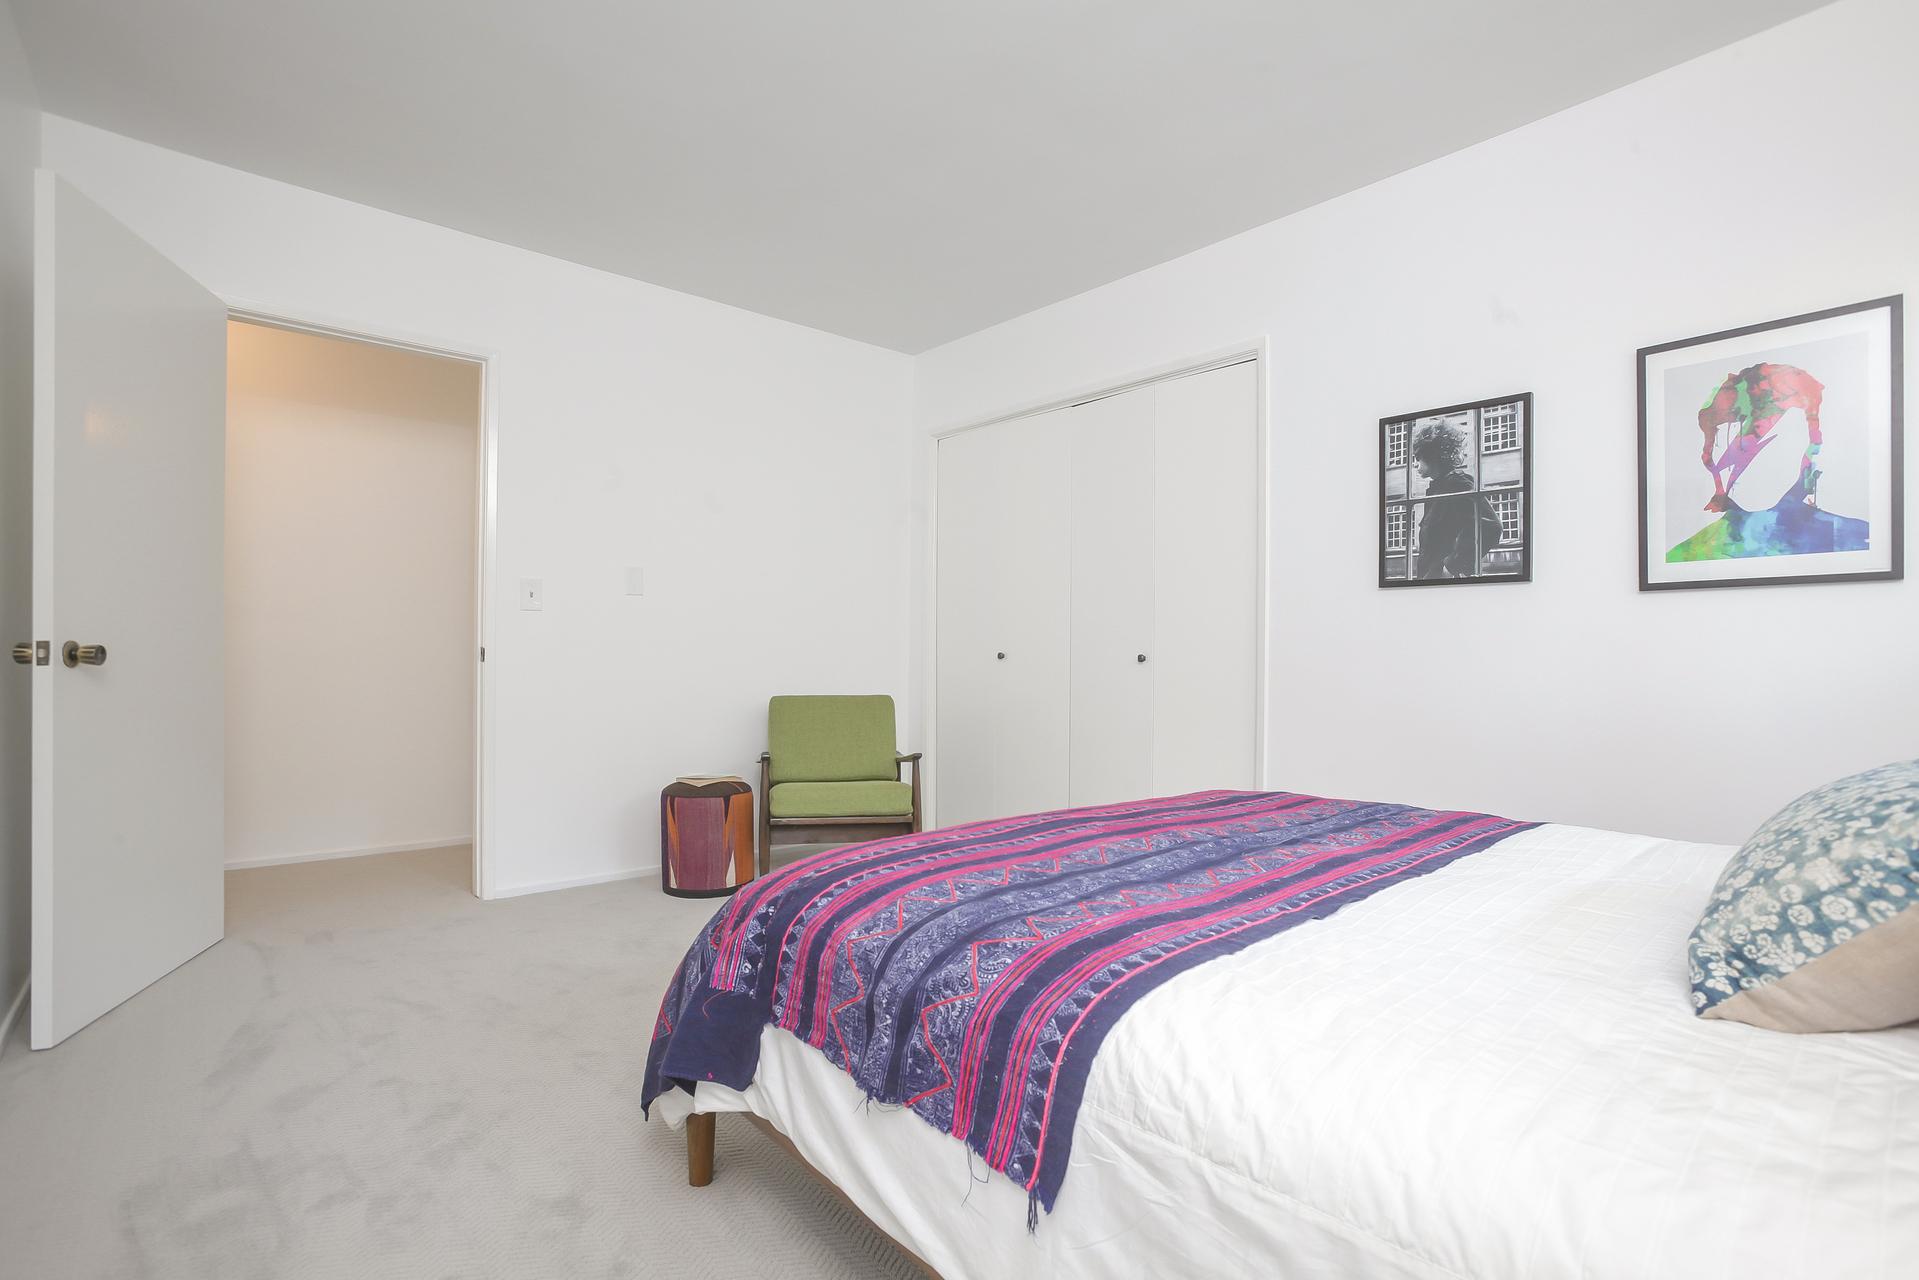 024-1st_Bedroom_next_to_laundry_room-4443091-medium.jpg